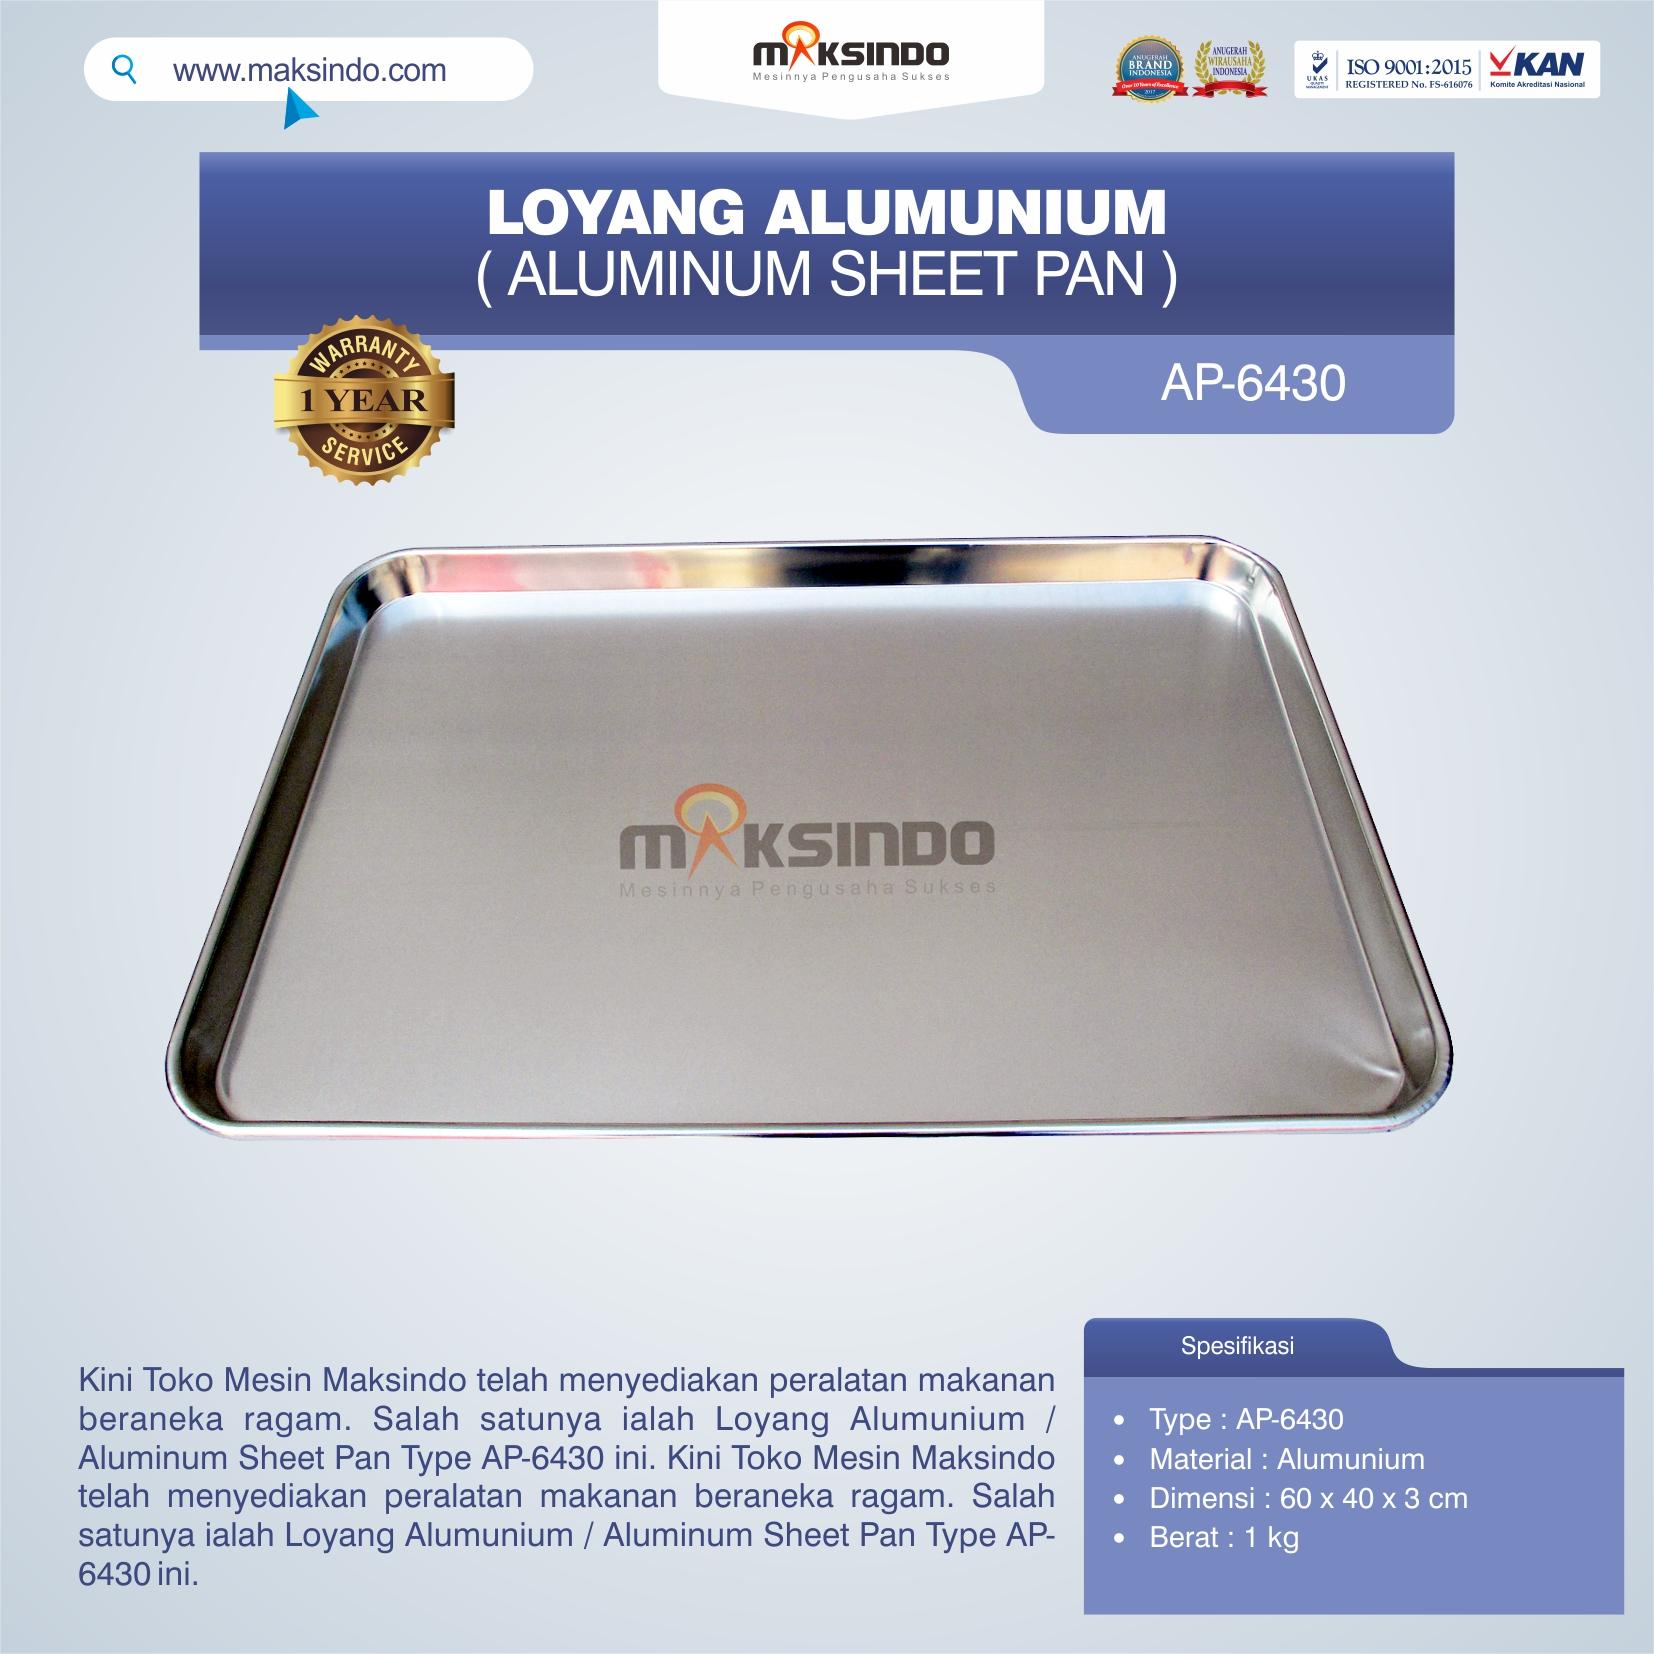 Jual Loyang Alumunium / Aluminum Sheet Pan Type AP-6430 di Banjarmasin